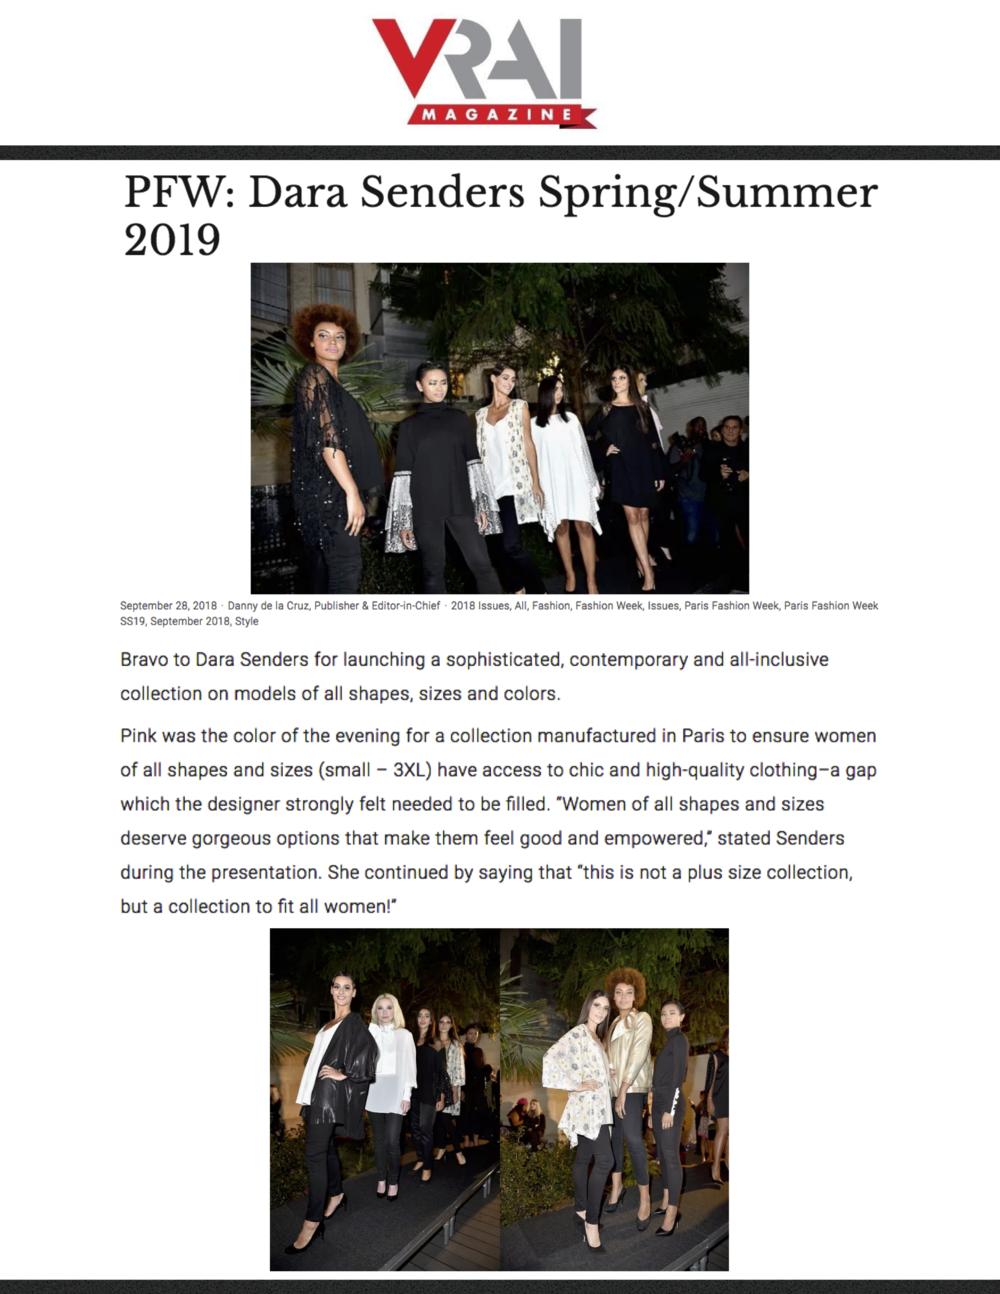 VRAI Magazine - Dara Senders - PFW SS19.png